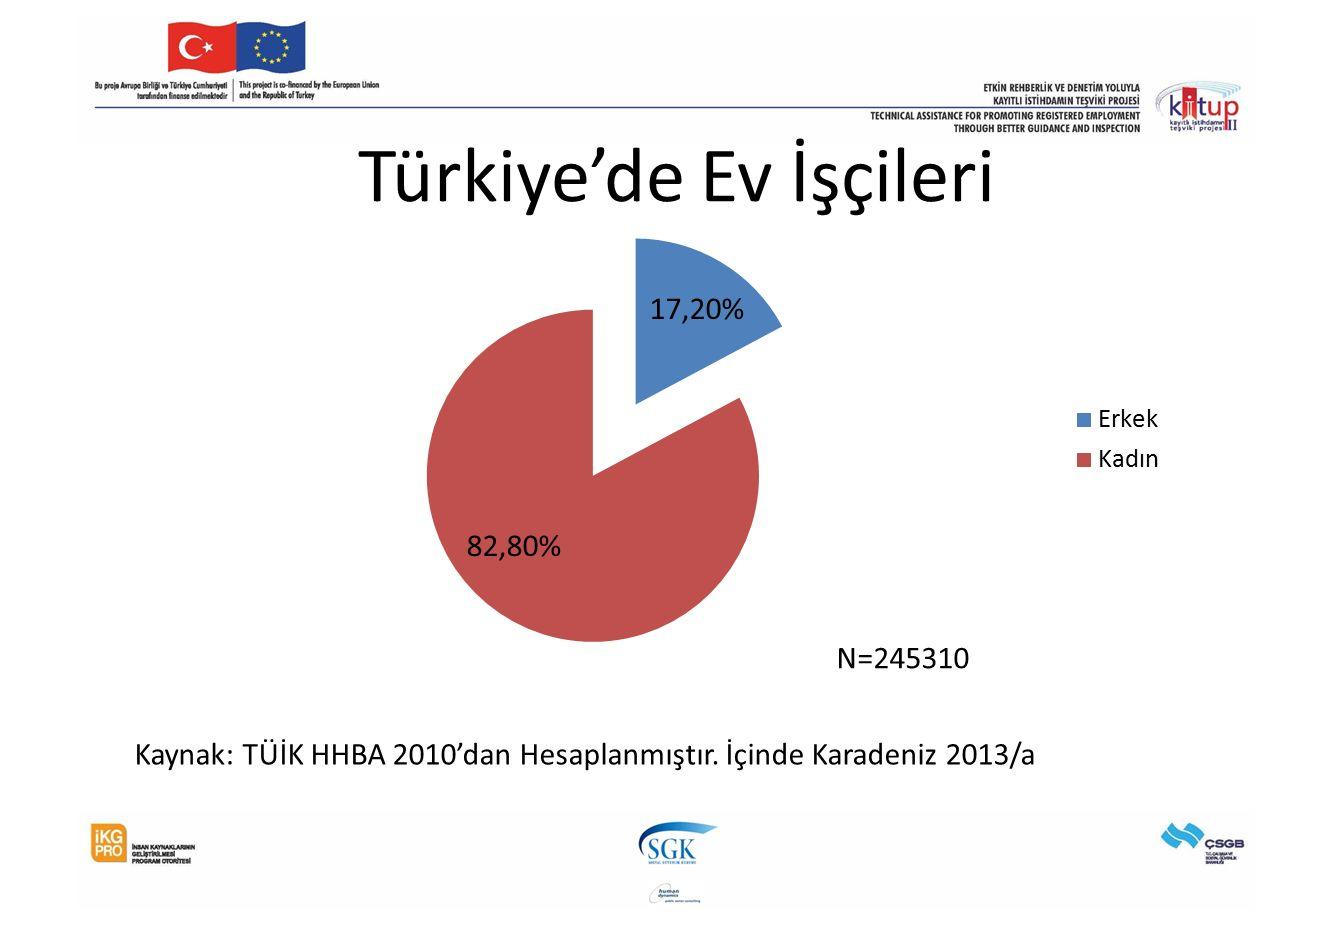 Türkiye'de Ev İşçileri N=245310 Kaynak: TÜİK HHBA 2010'dan Hesaplanmıştır. İçinde Karadeniz 2013/a